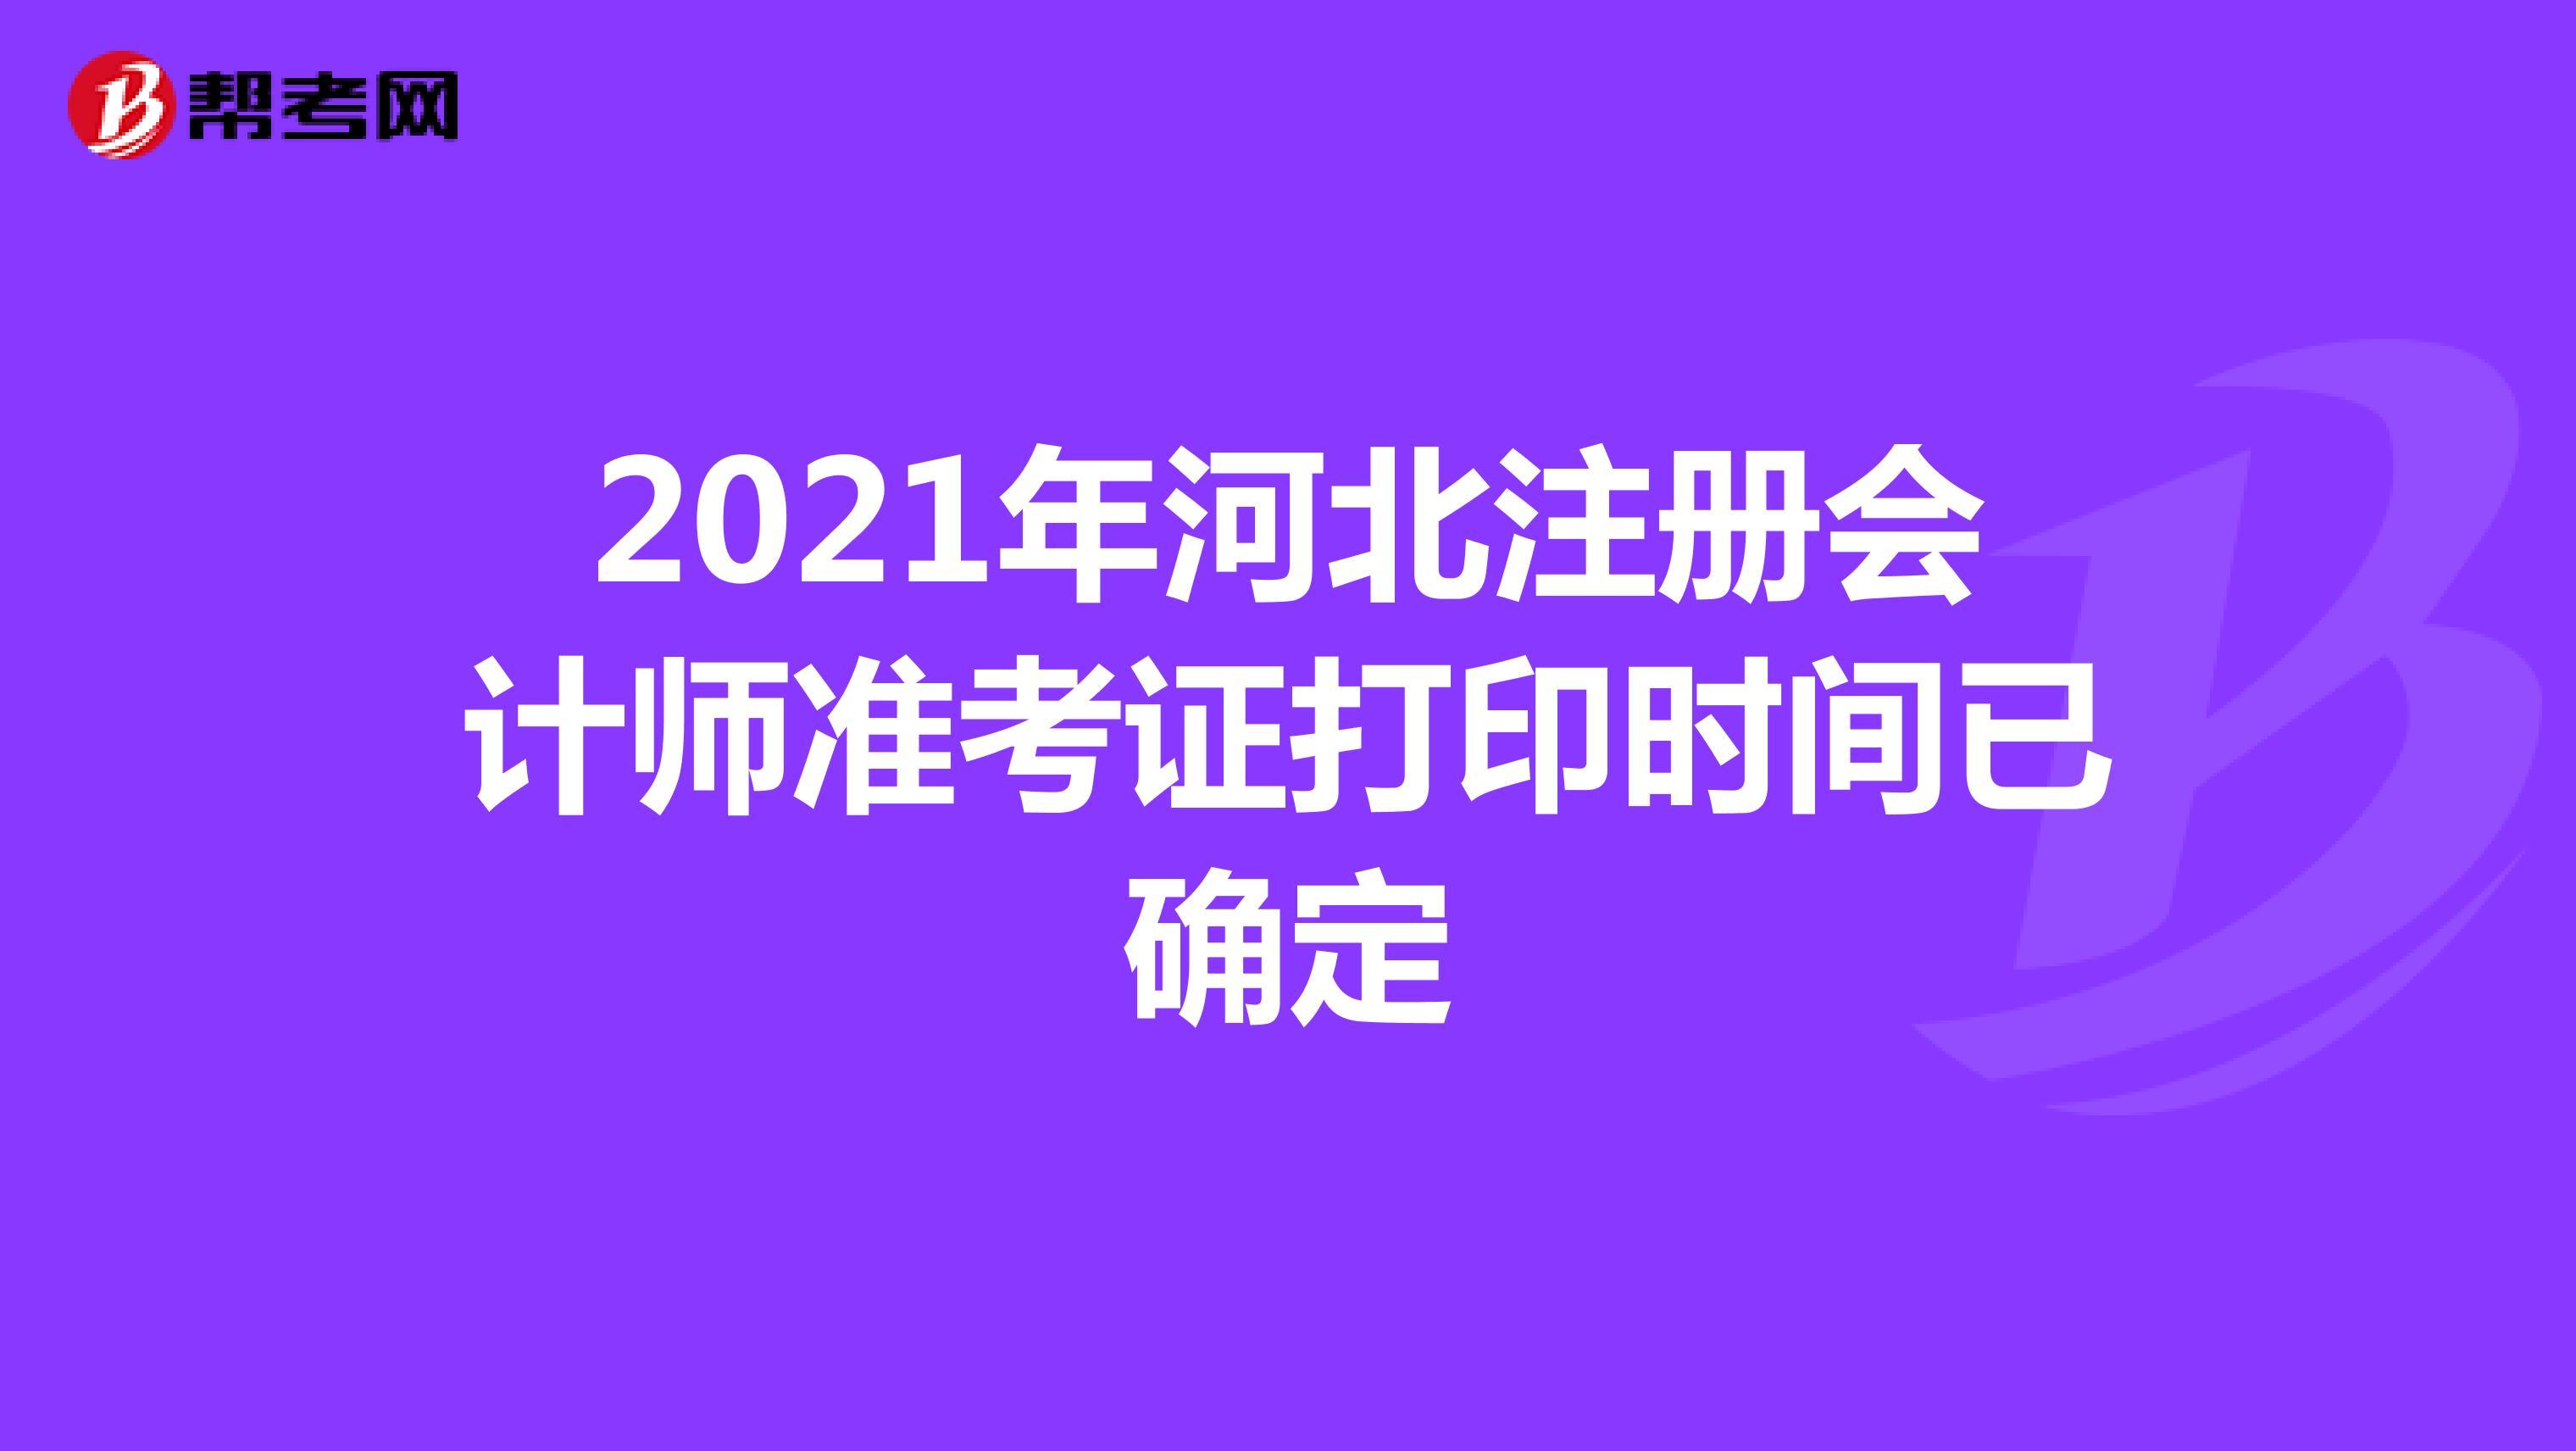 2021年河北注册会计师准考证打印时间已确定